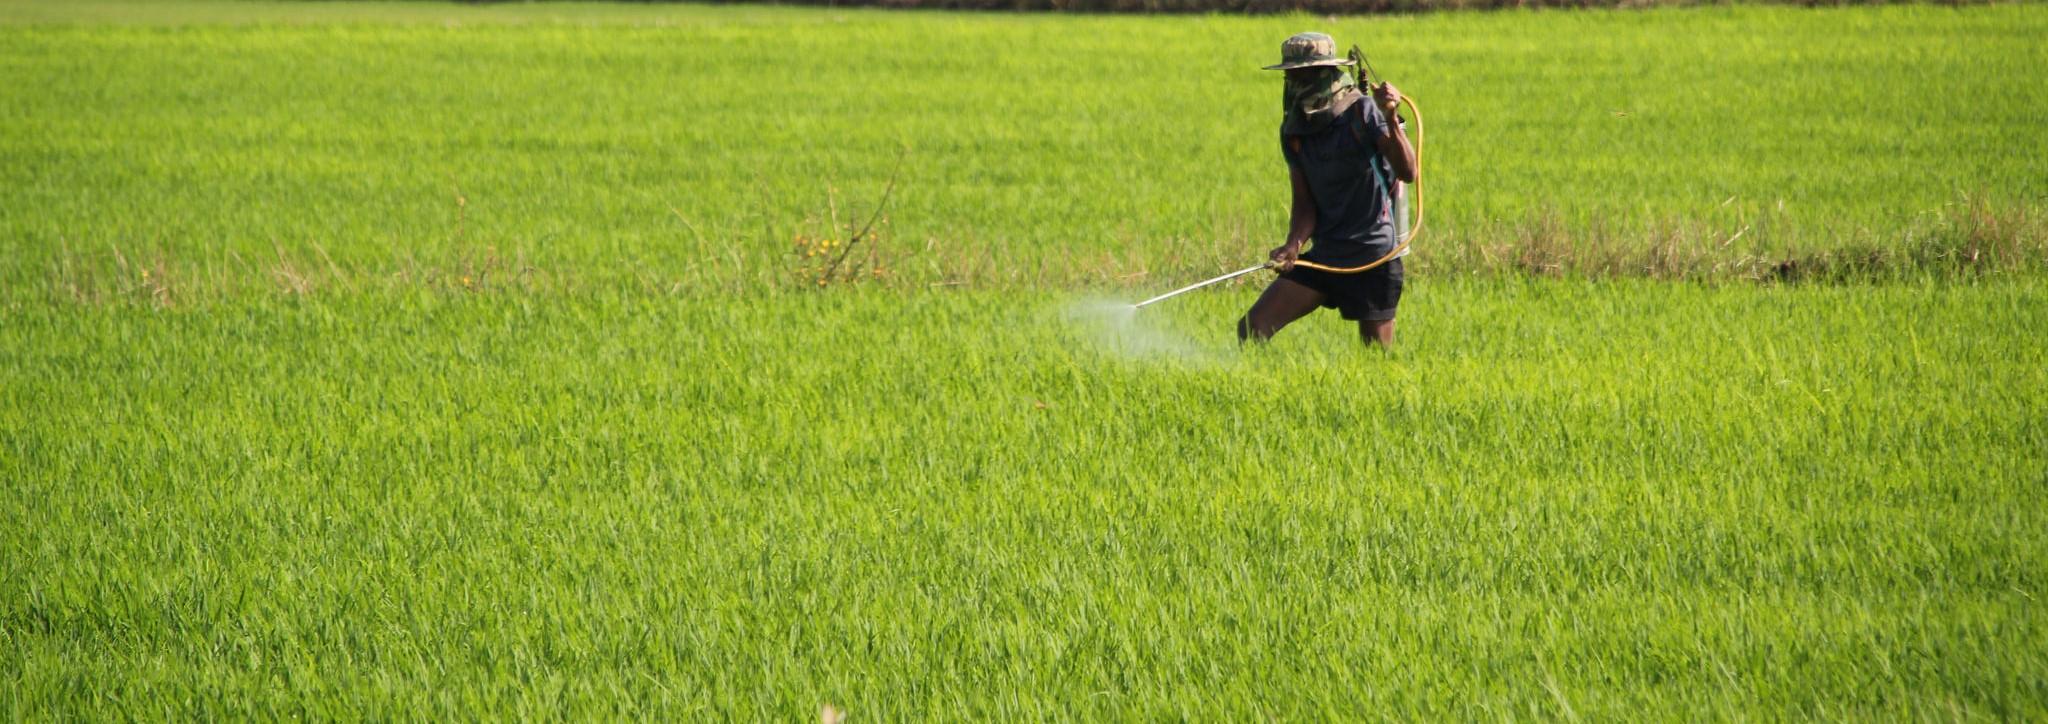 Hand spraying rice fields in Cambodia. (Photo: Chris Graham/AusAID)